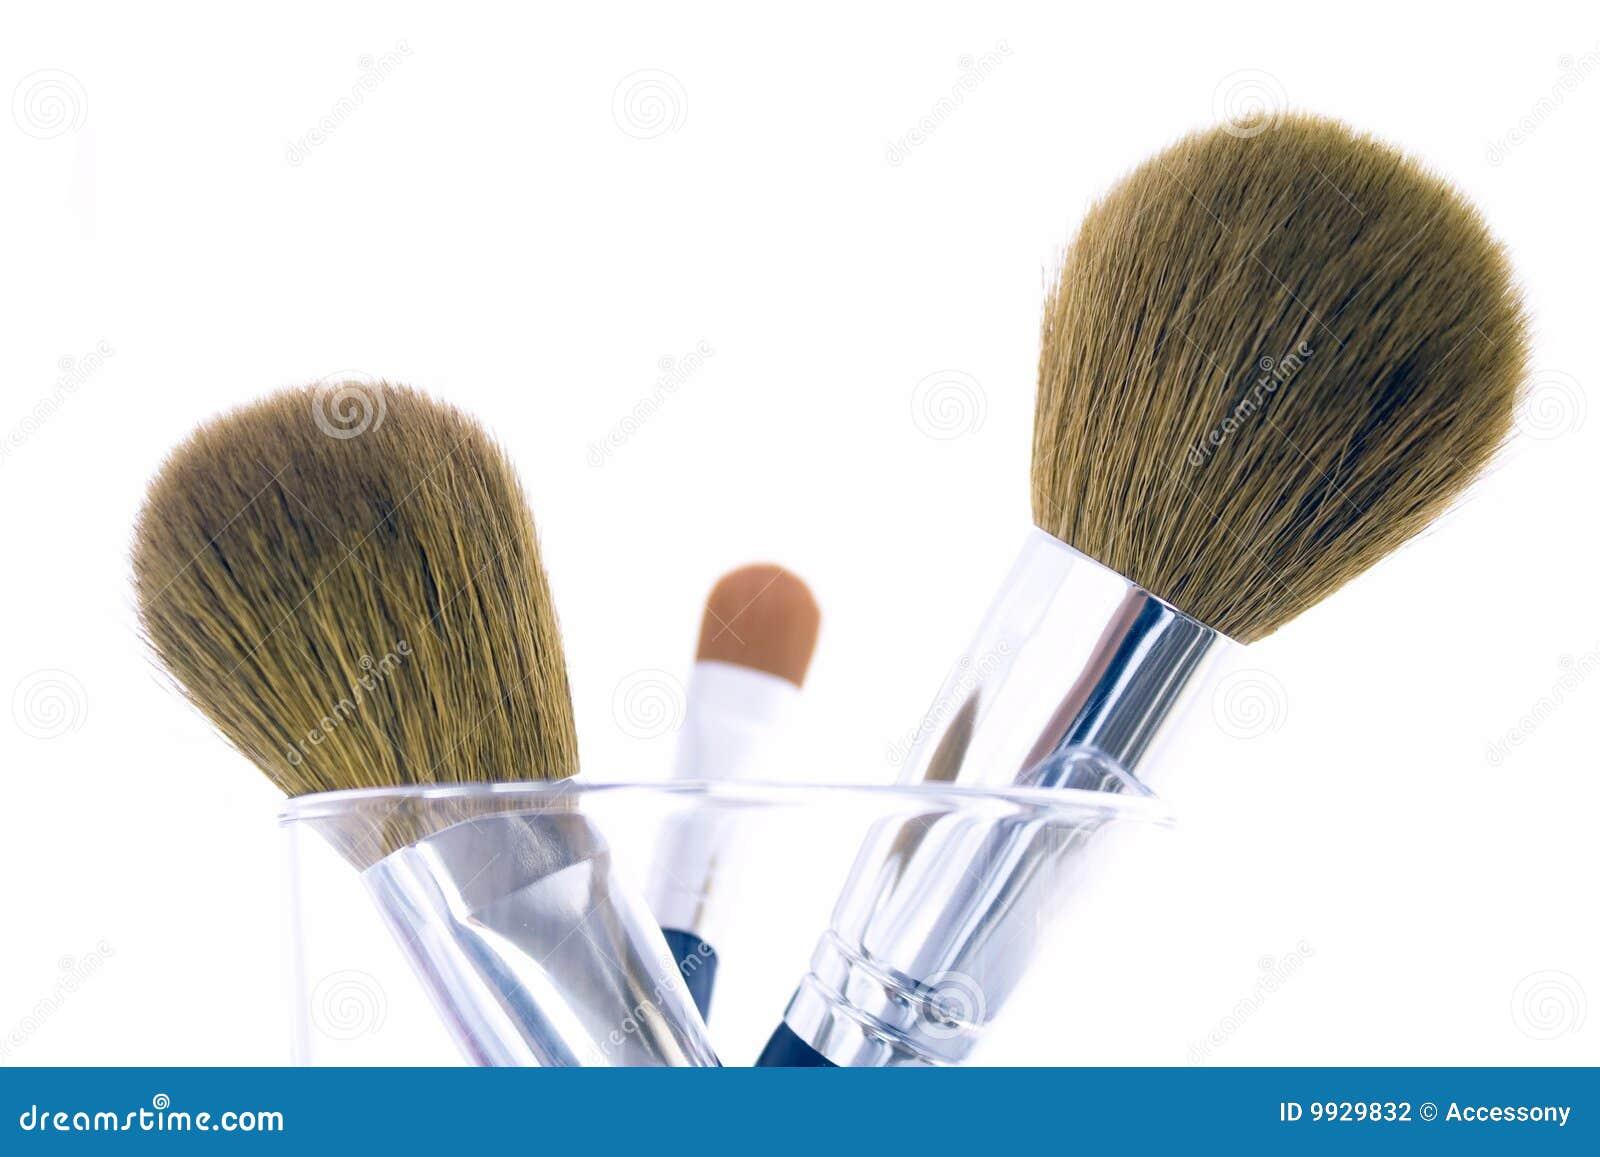 Conjunto de tres cepillos del maquillaje